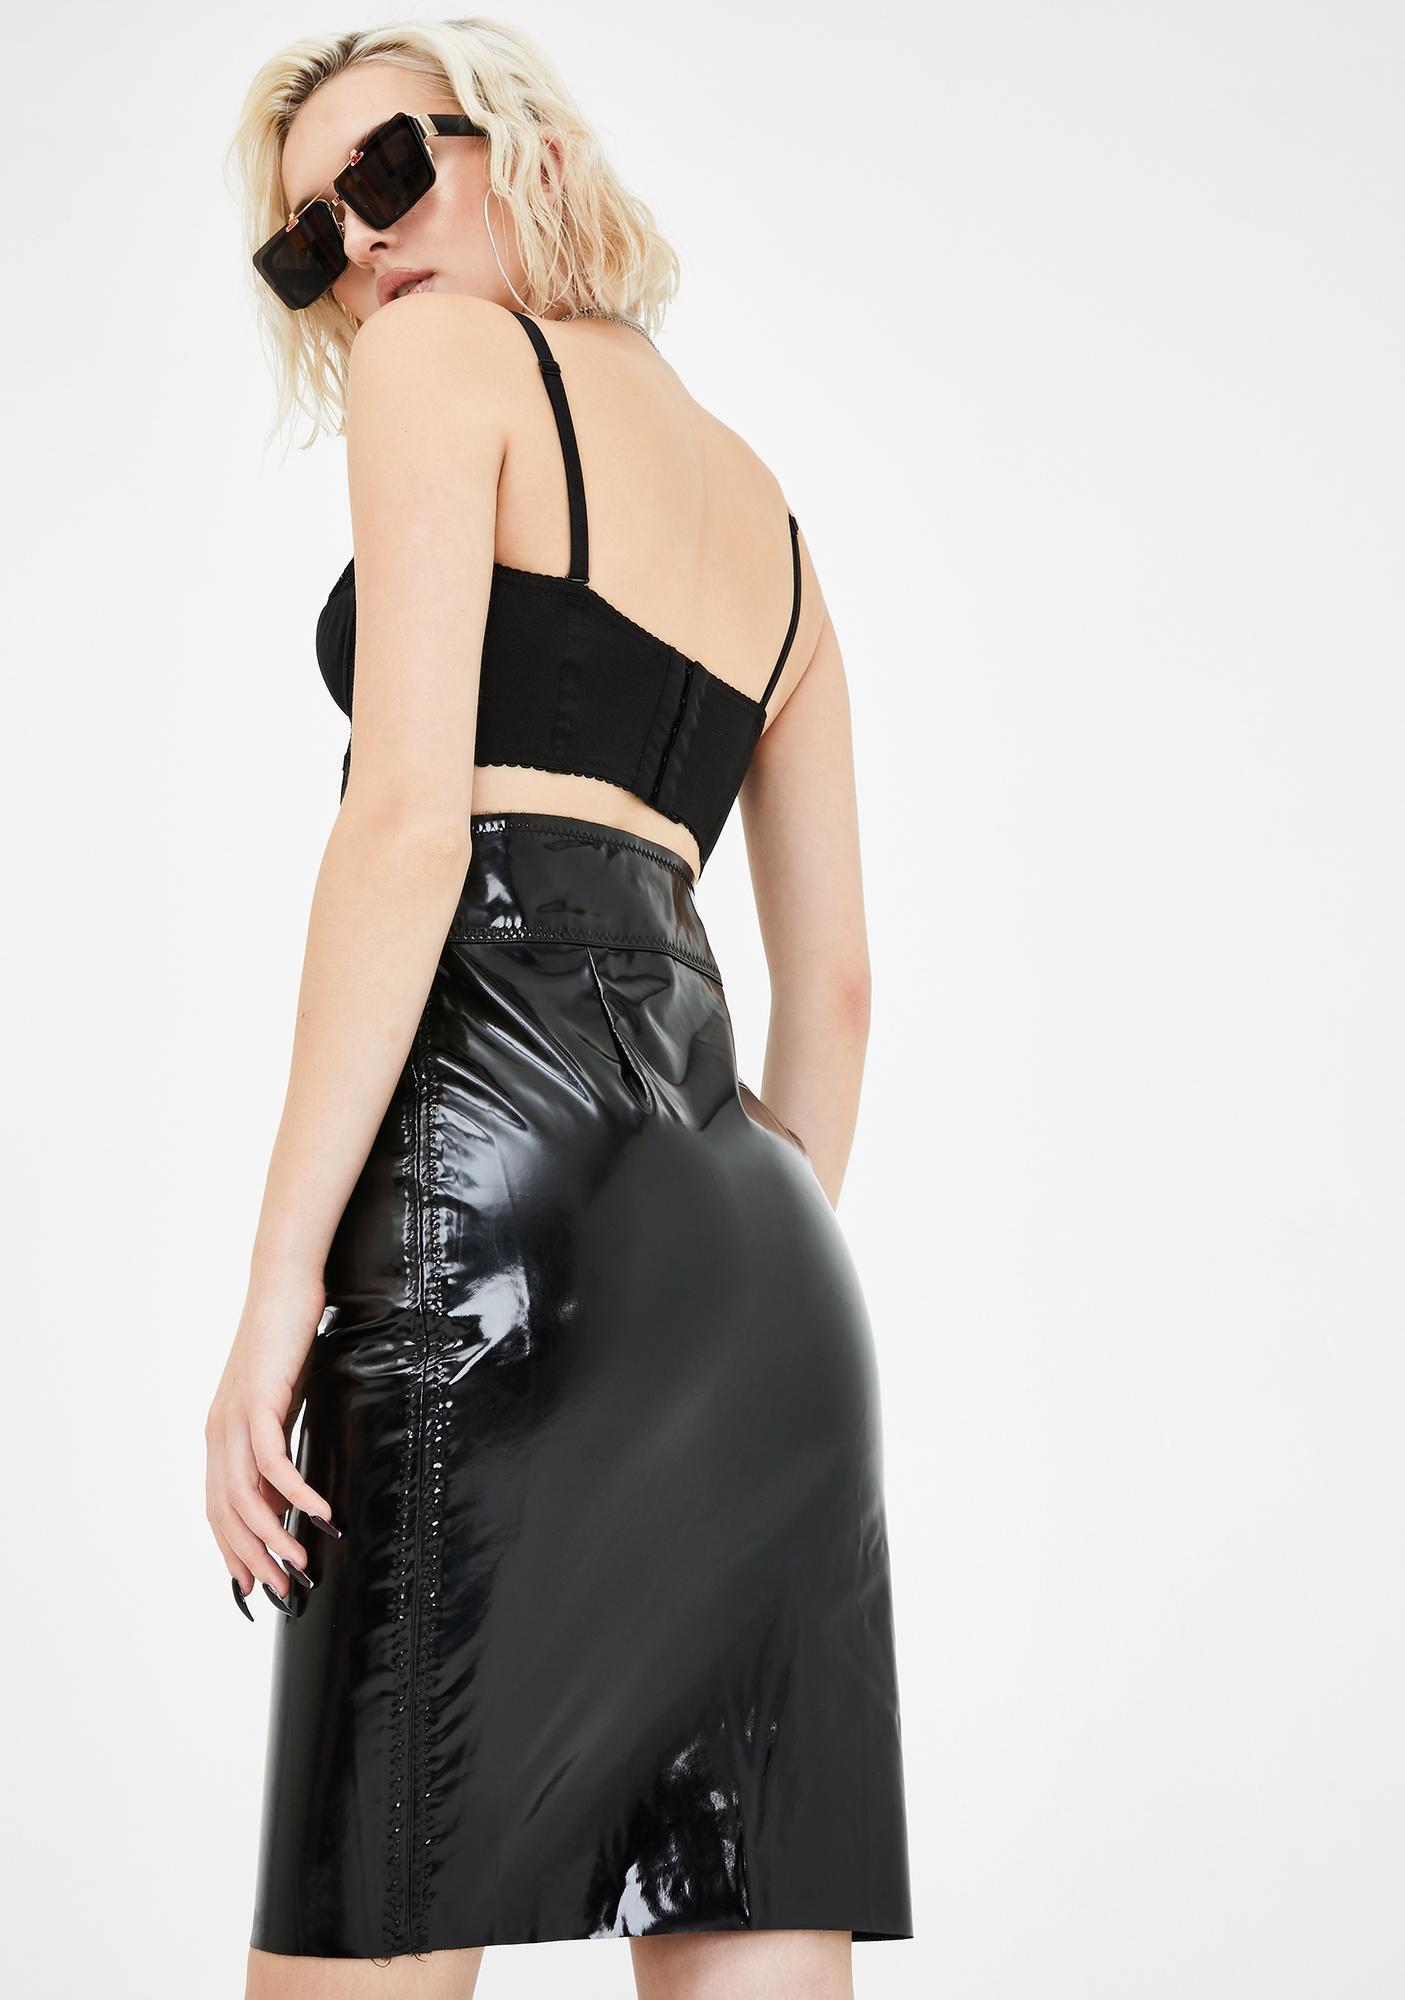 Kiki Riki Top Trendsetter Vinyl Skirt